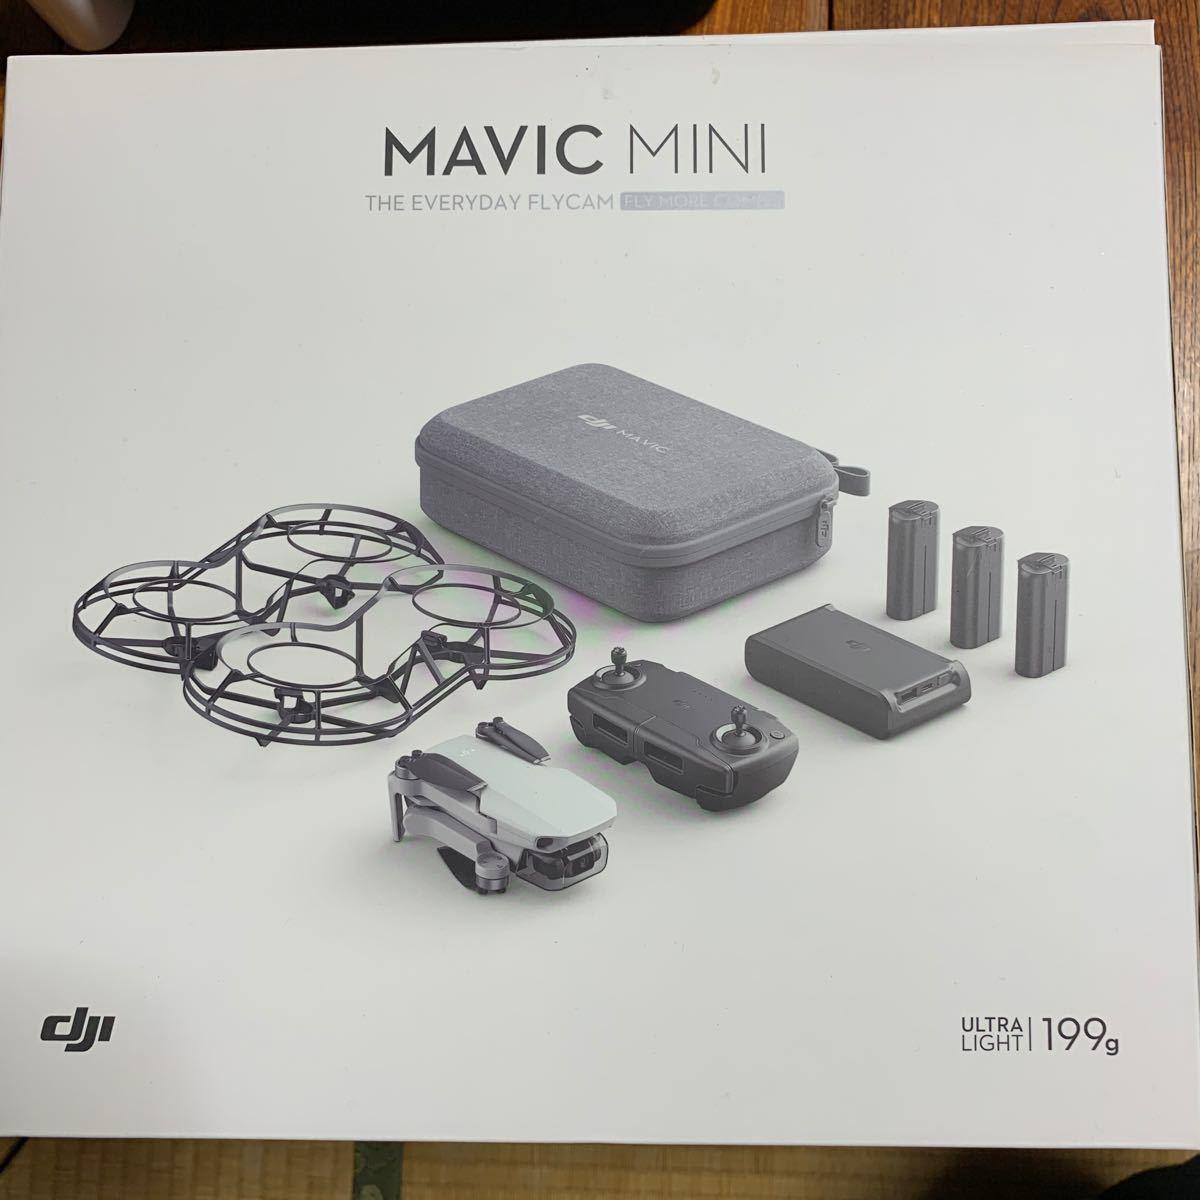 美品 DJI MAVIC mini FLY MORE COMBO 国内正規品 レンズフード 固定バンド 風速計 ヘリポート セット